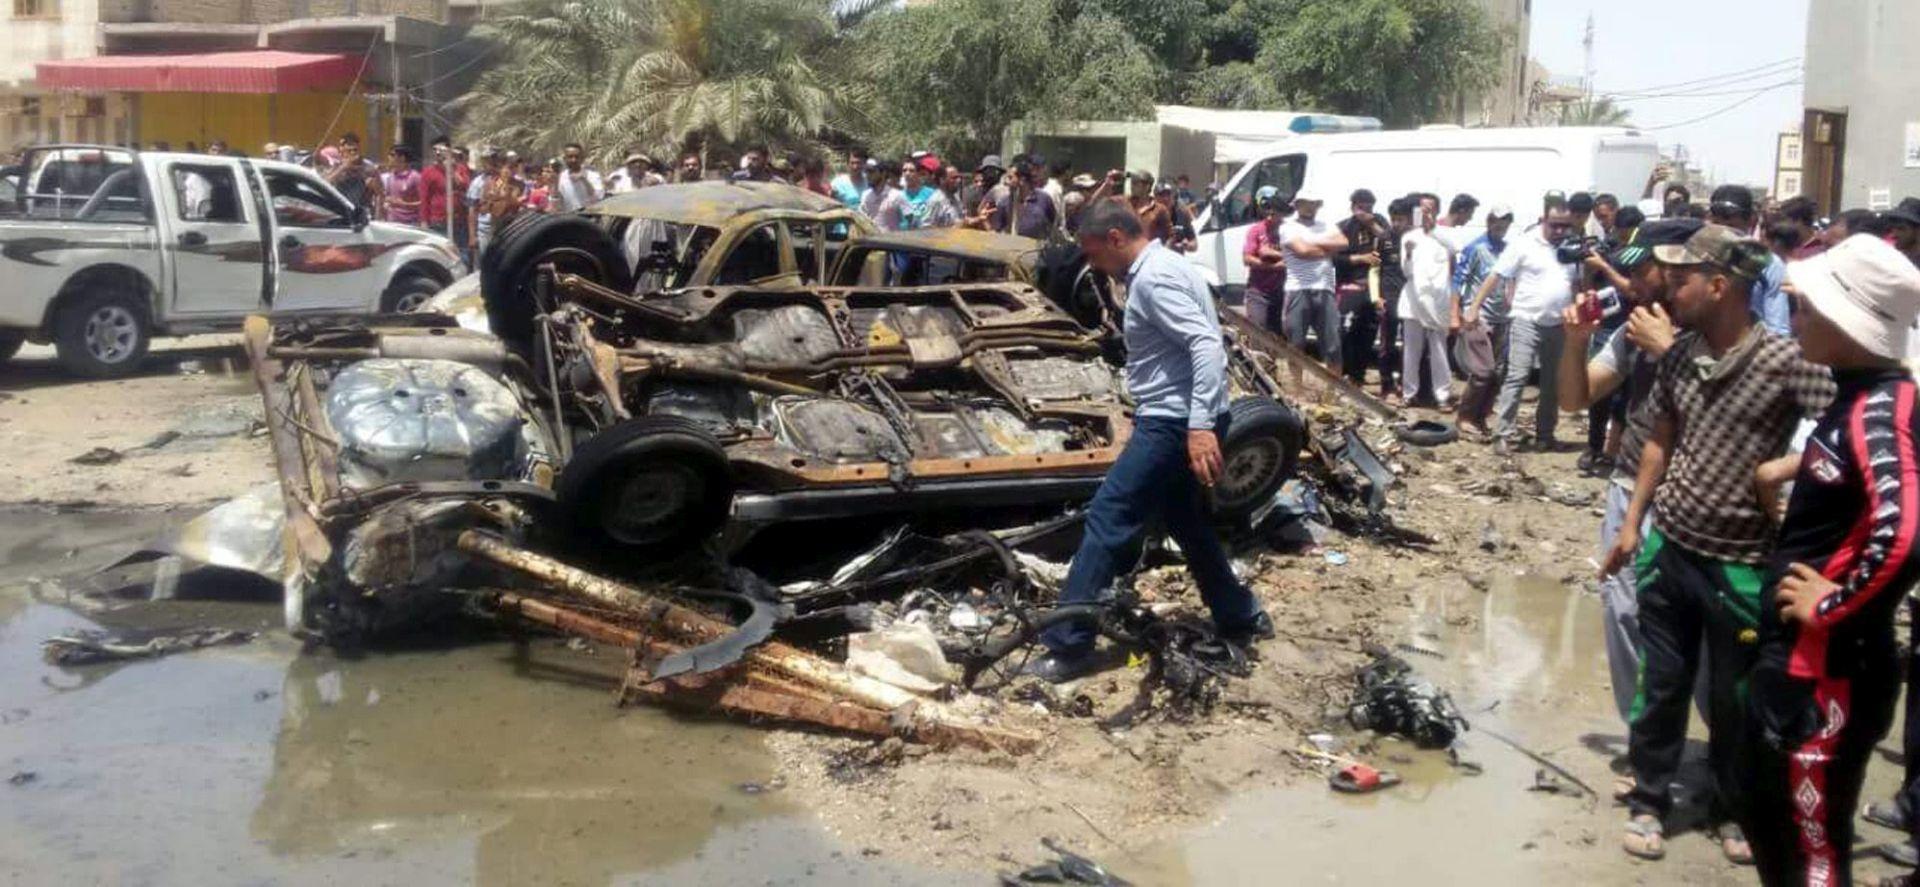 NEDOVOLJNE SIGURNOSNE MJERE: U napadima na sjeveru Iraka najmanje 16 mrtvih, ranjeno 25